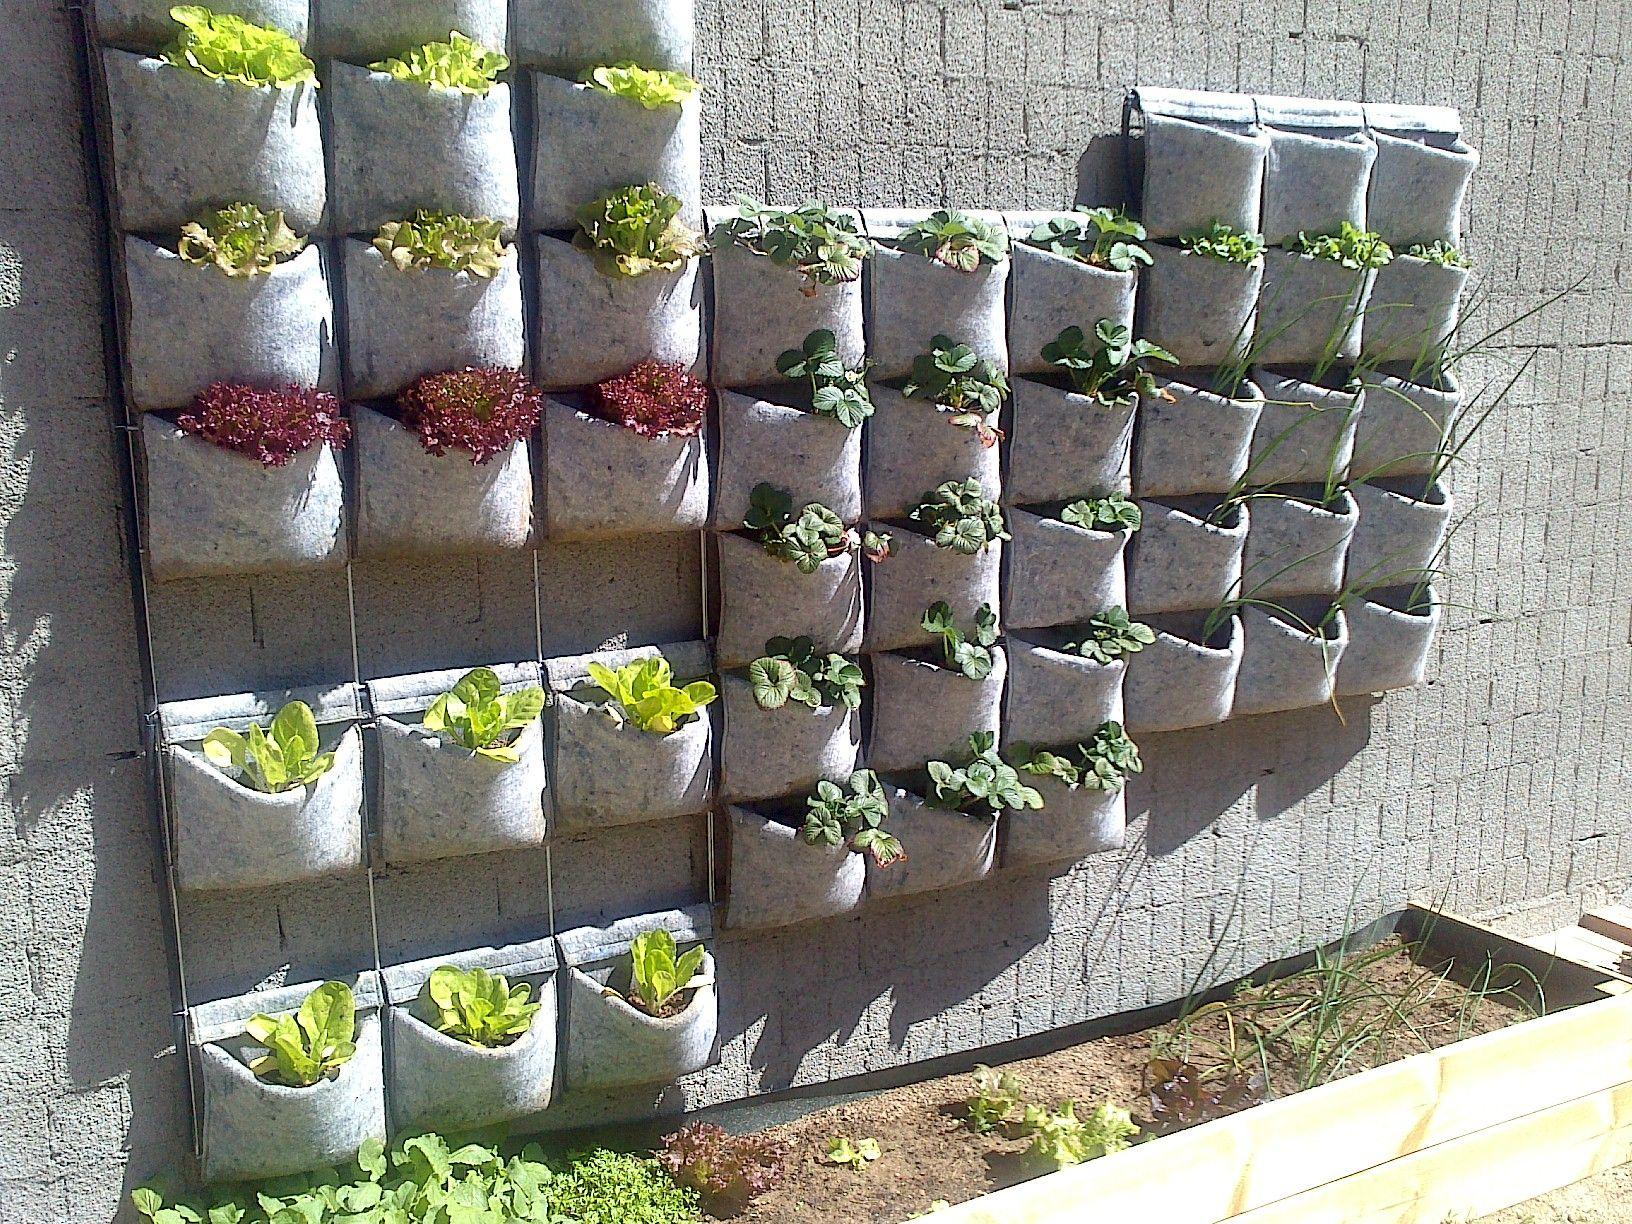 Huerto vertical vertiflor con bolsas de fieltro reciclado - Huerto vertical casero ...